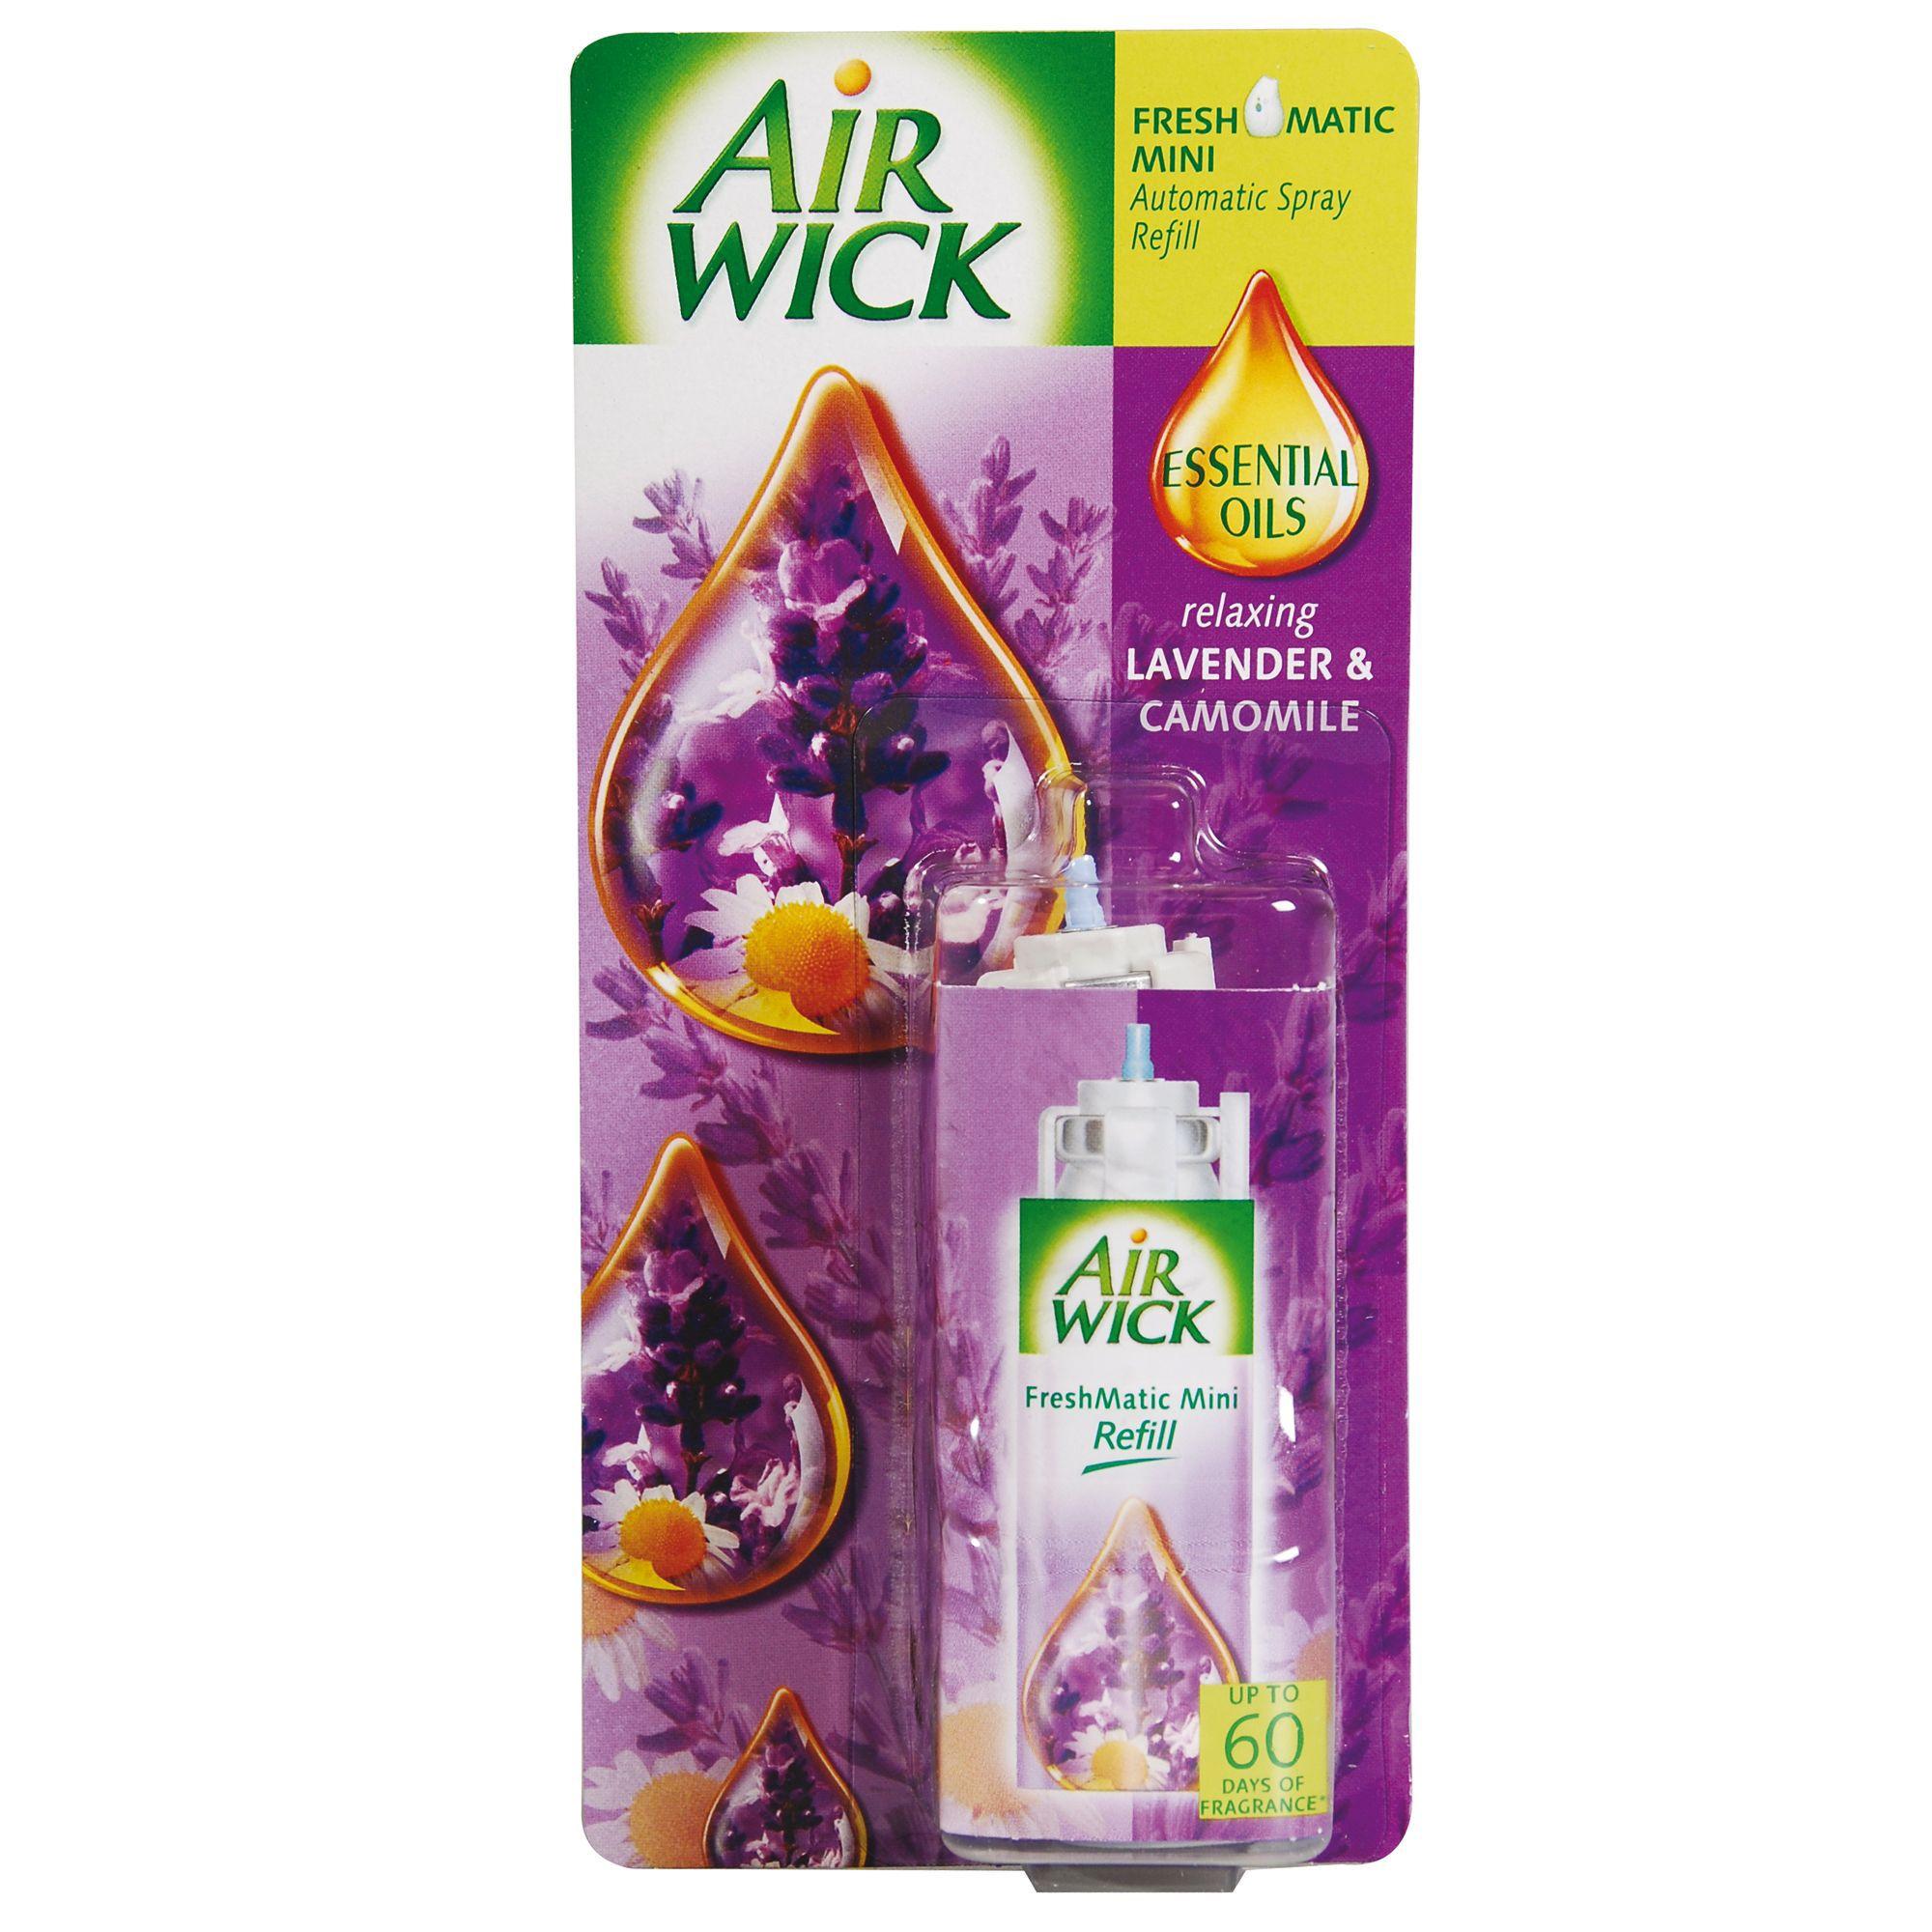 Airwick Freshmatic Lavender Air Freshener Refill Departments Diy